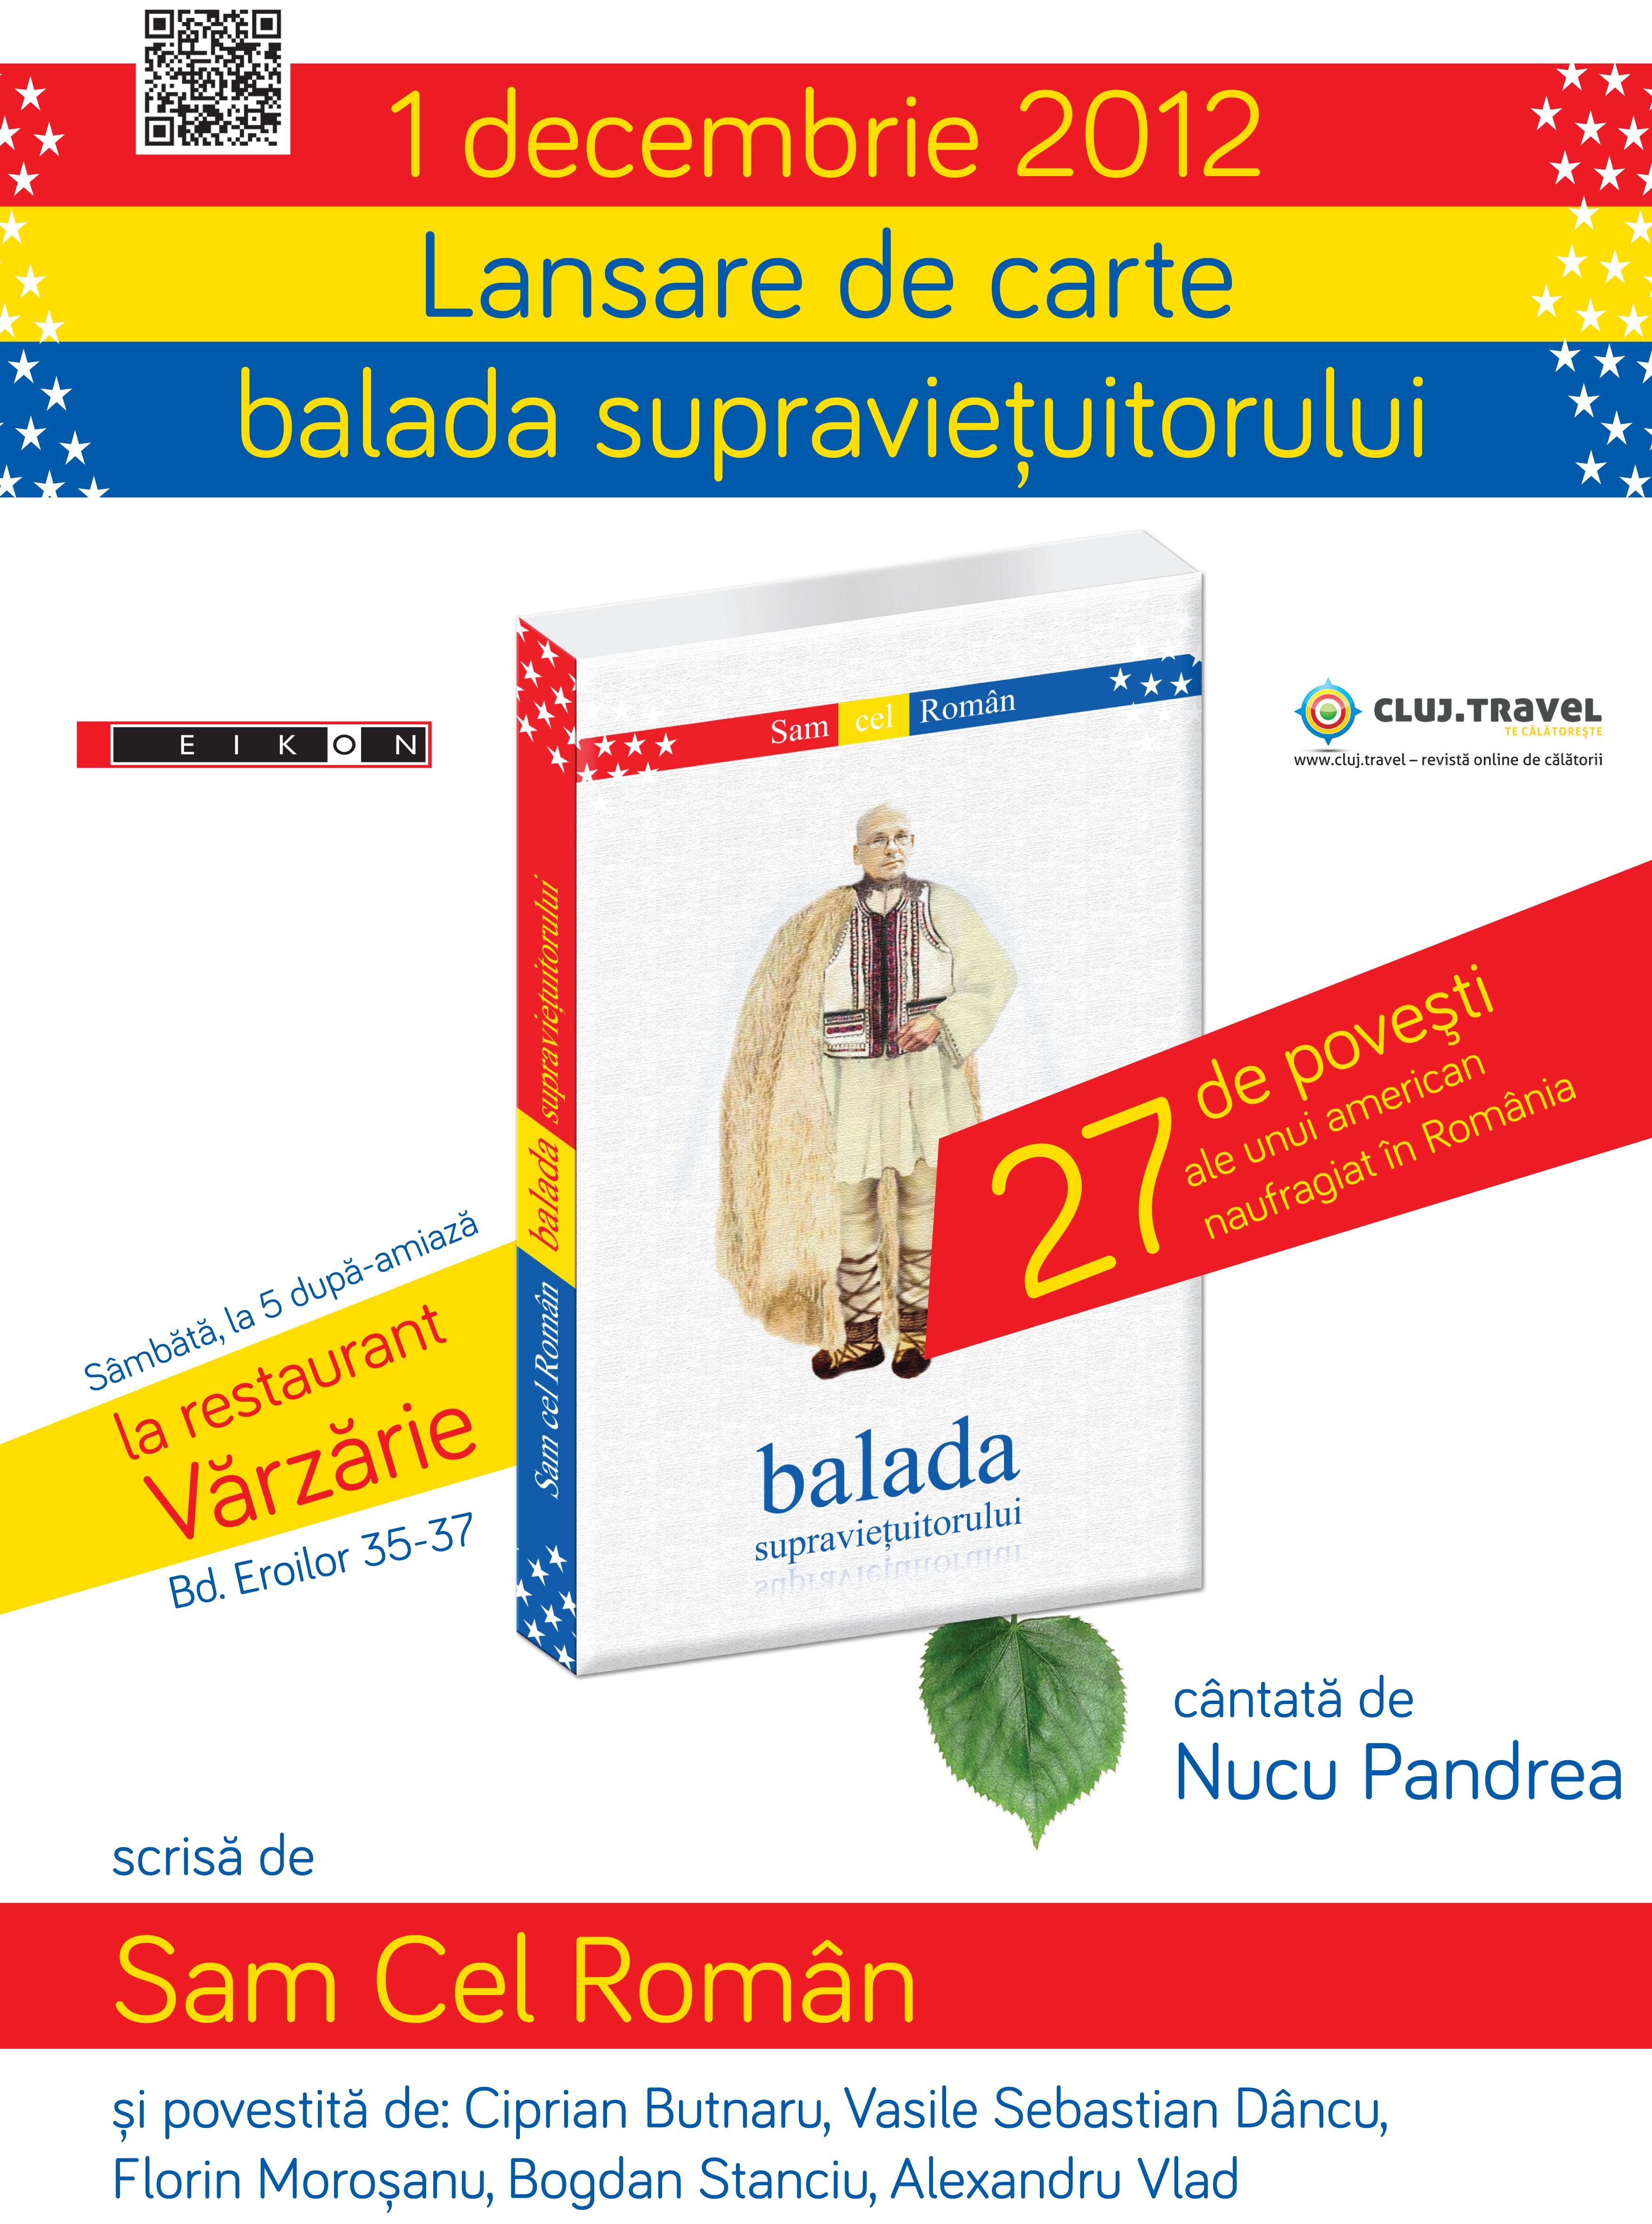 Sam cel Român, americanul stabilit la Cluj, lansează o carte în care îşi poveşte aventurile în ţara noastră!